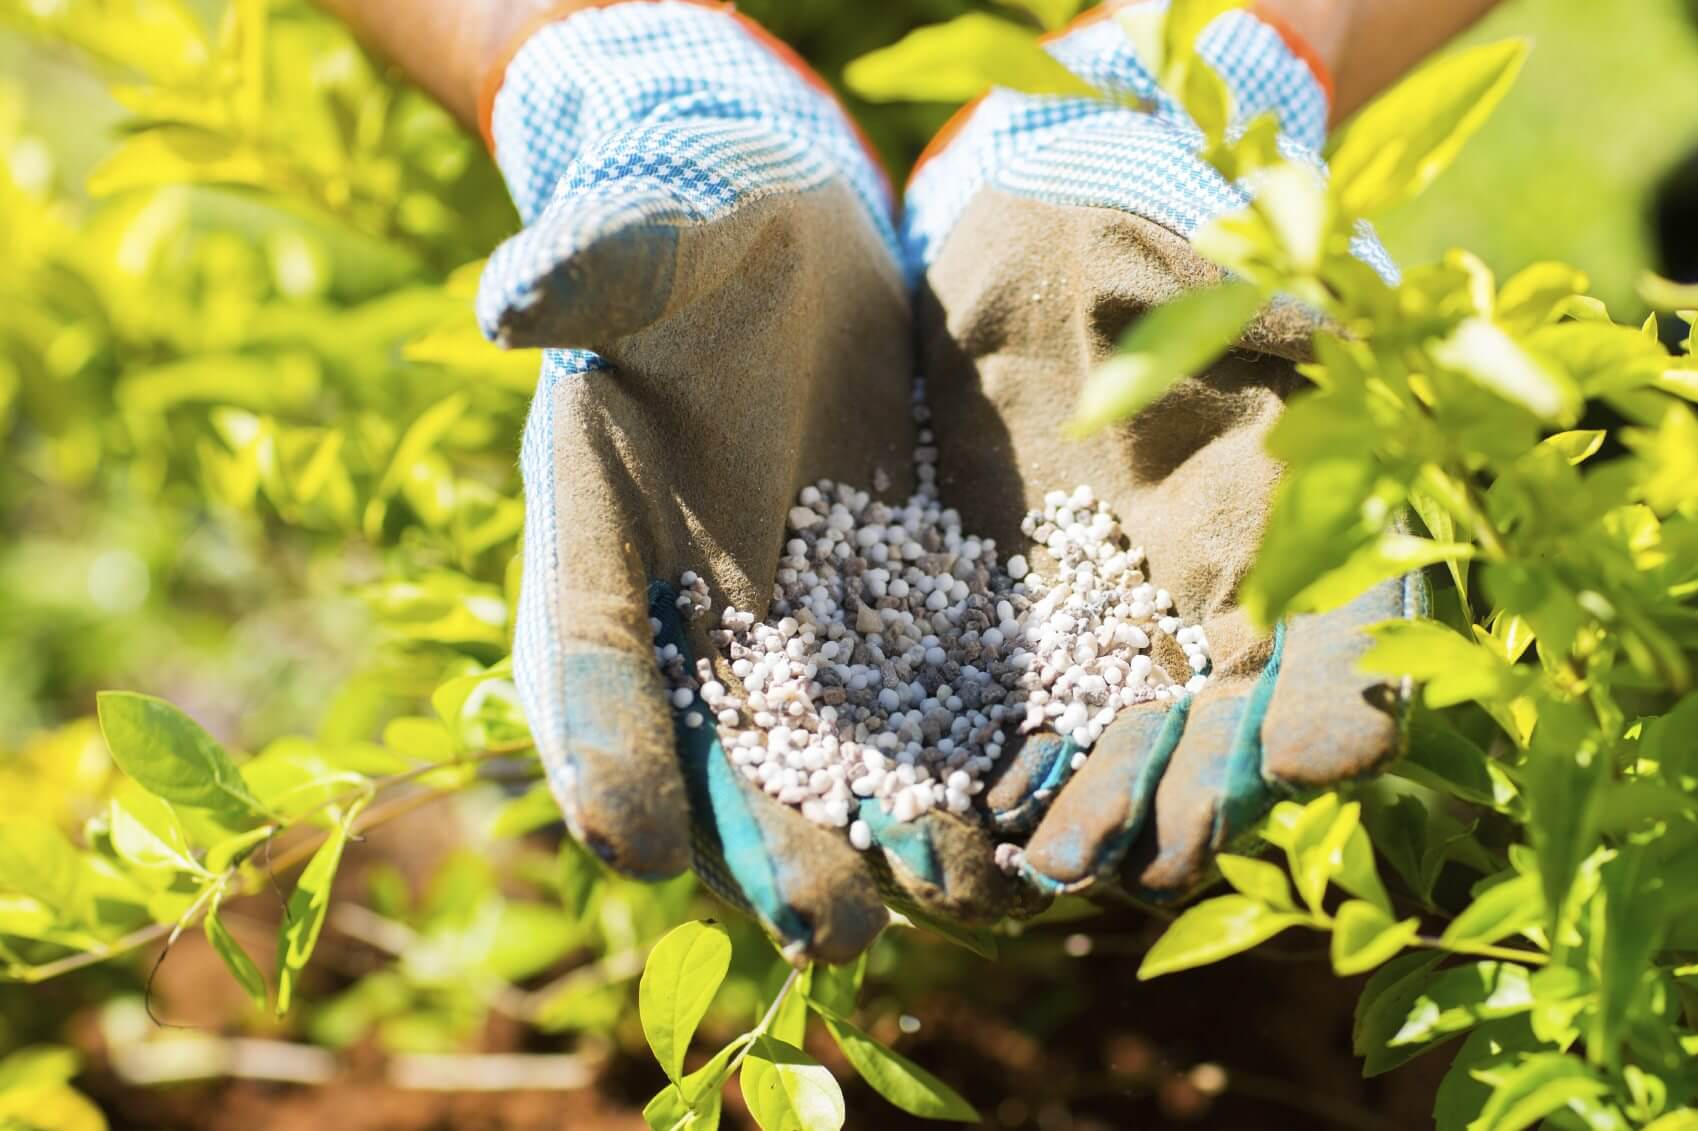 Bitkilerin gelişim süreleri içinde ihtiyaç duydukları besin maddelerinin doğru zaman, miktar ve uygulama ile verilmesi; ürünün verim ve kalitesi açısından çok önemlidir.